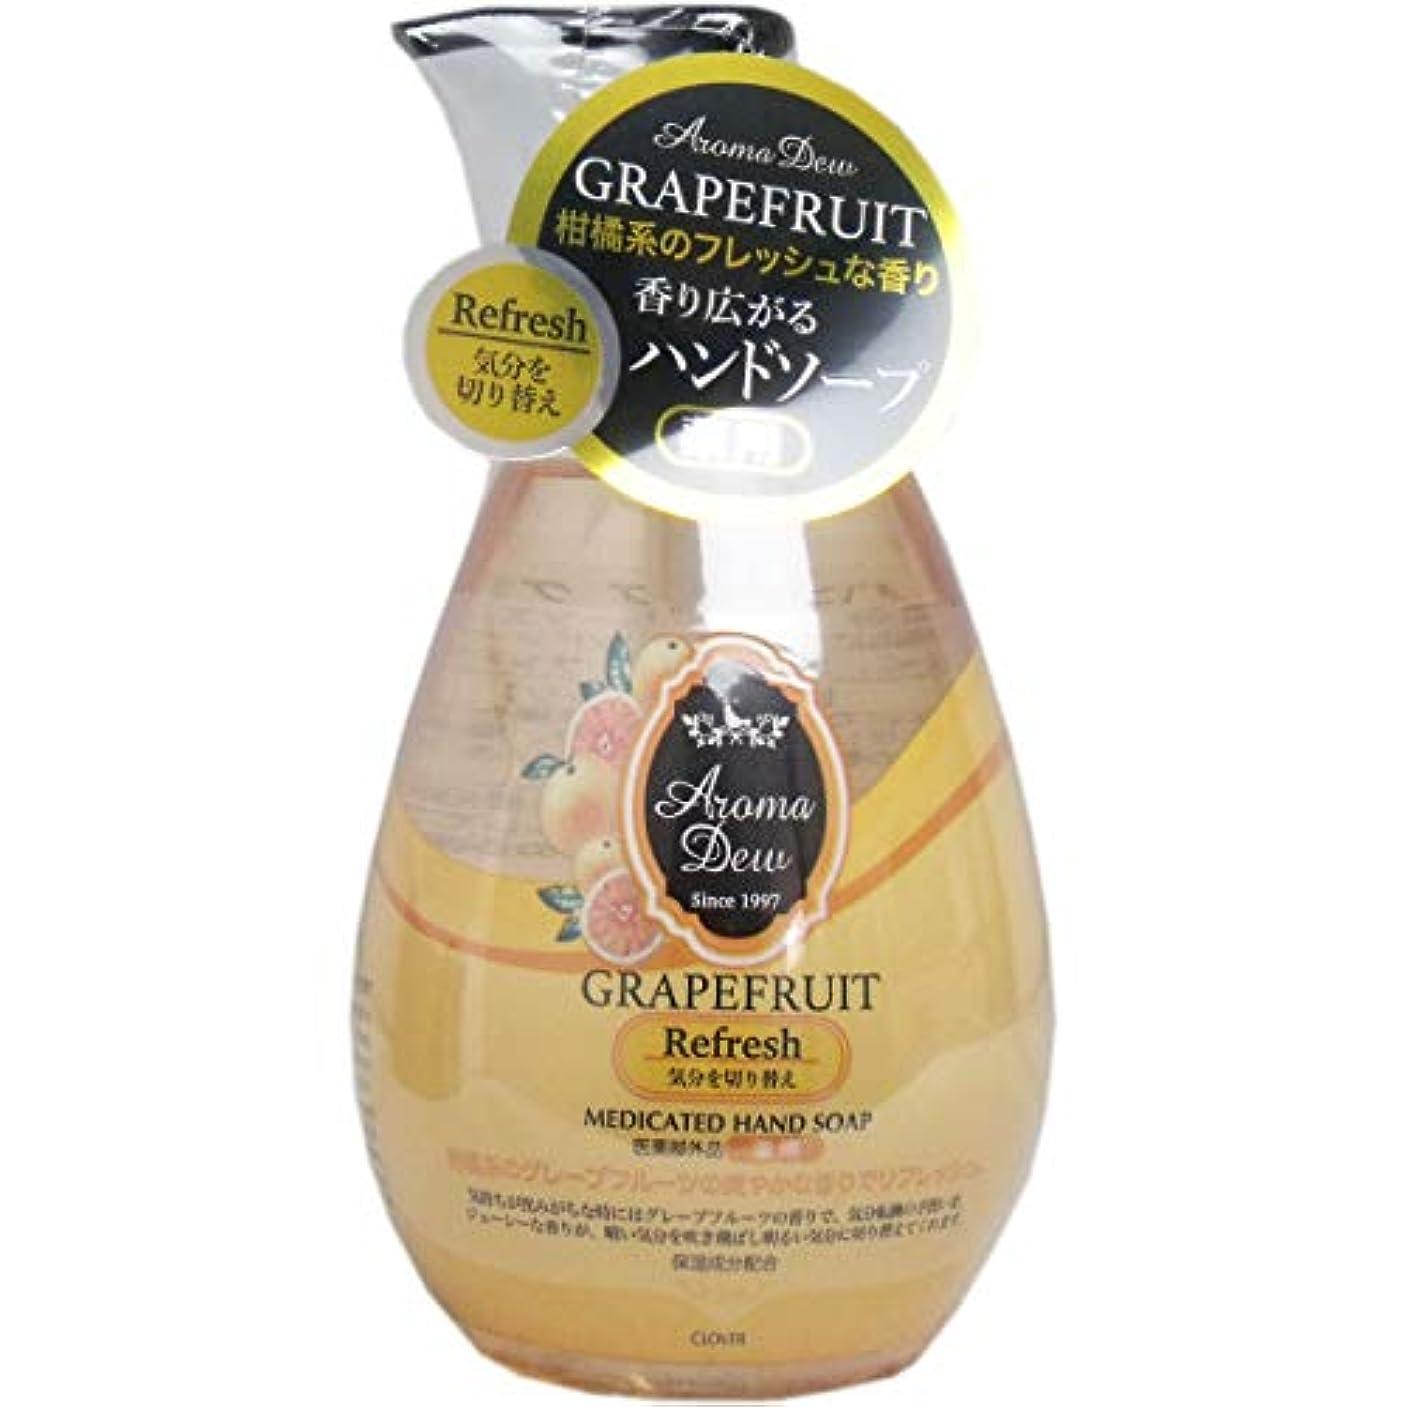 悩む止まる呼び出す薬用アロマデュウ ハンドソープ グレープフルーツの香り 260mL×2個セット